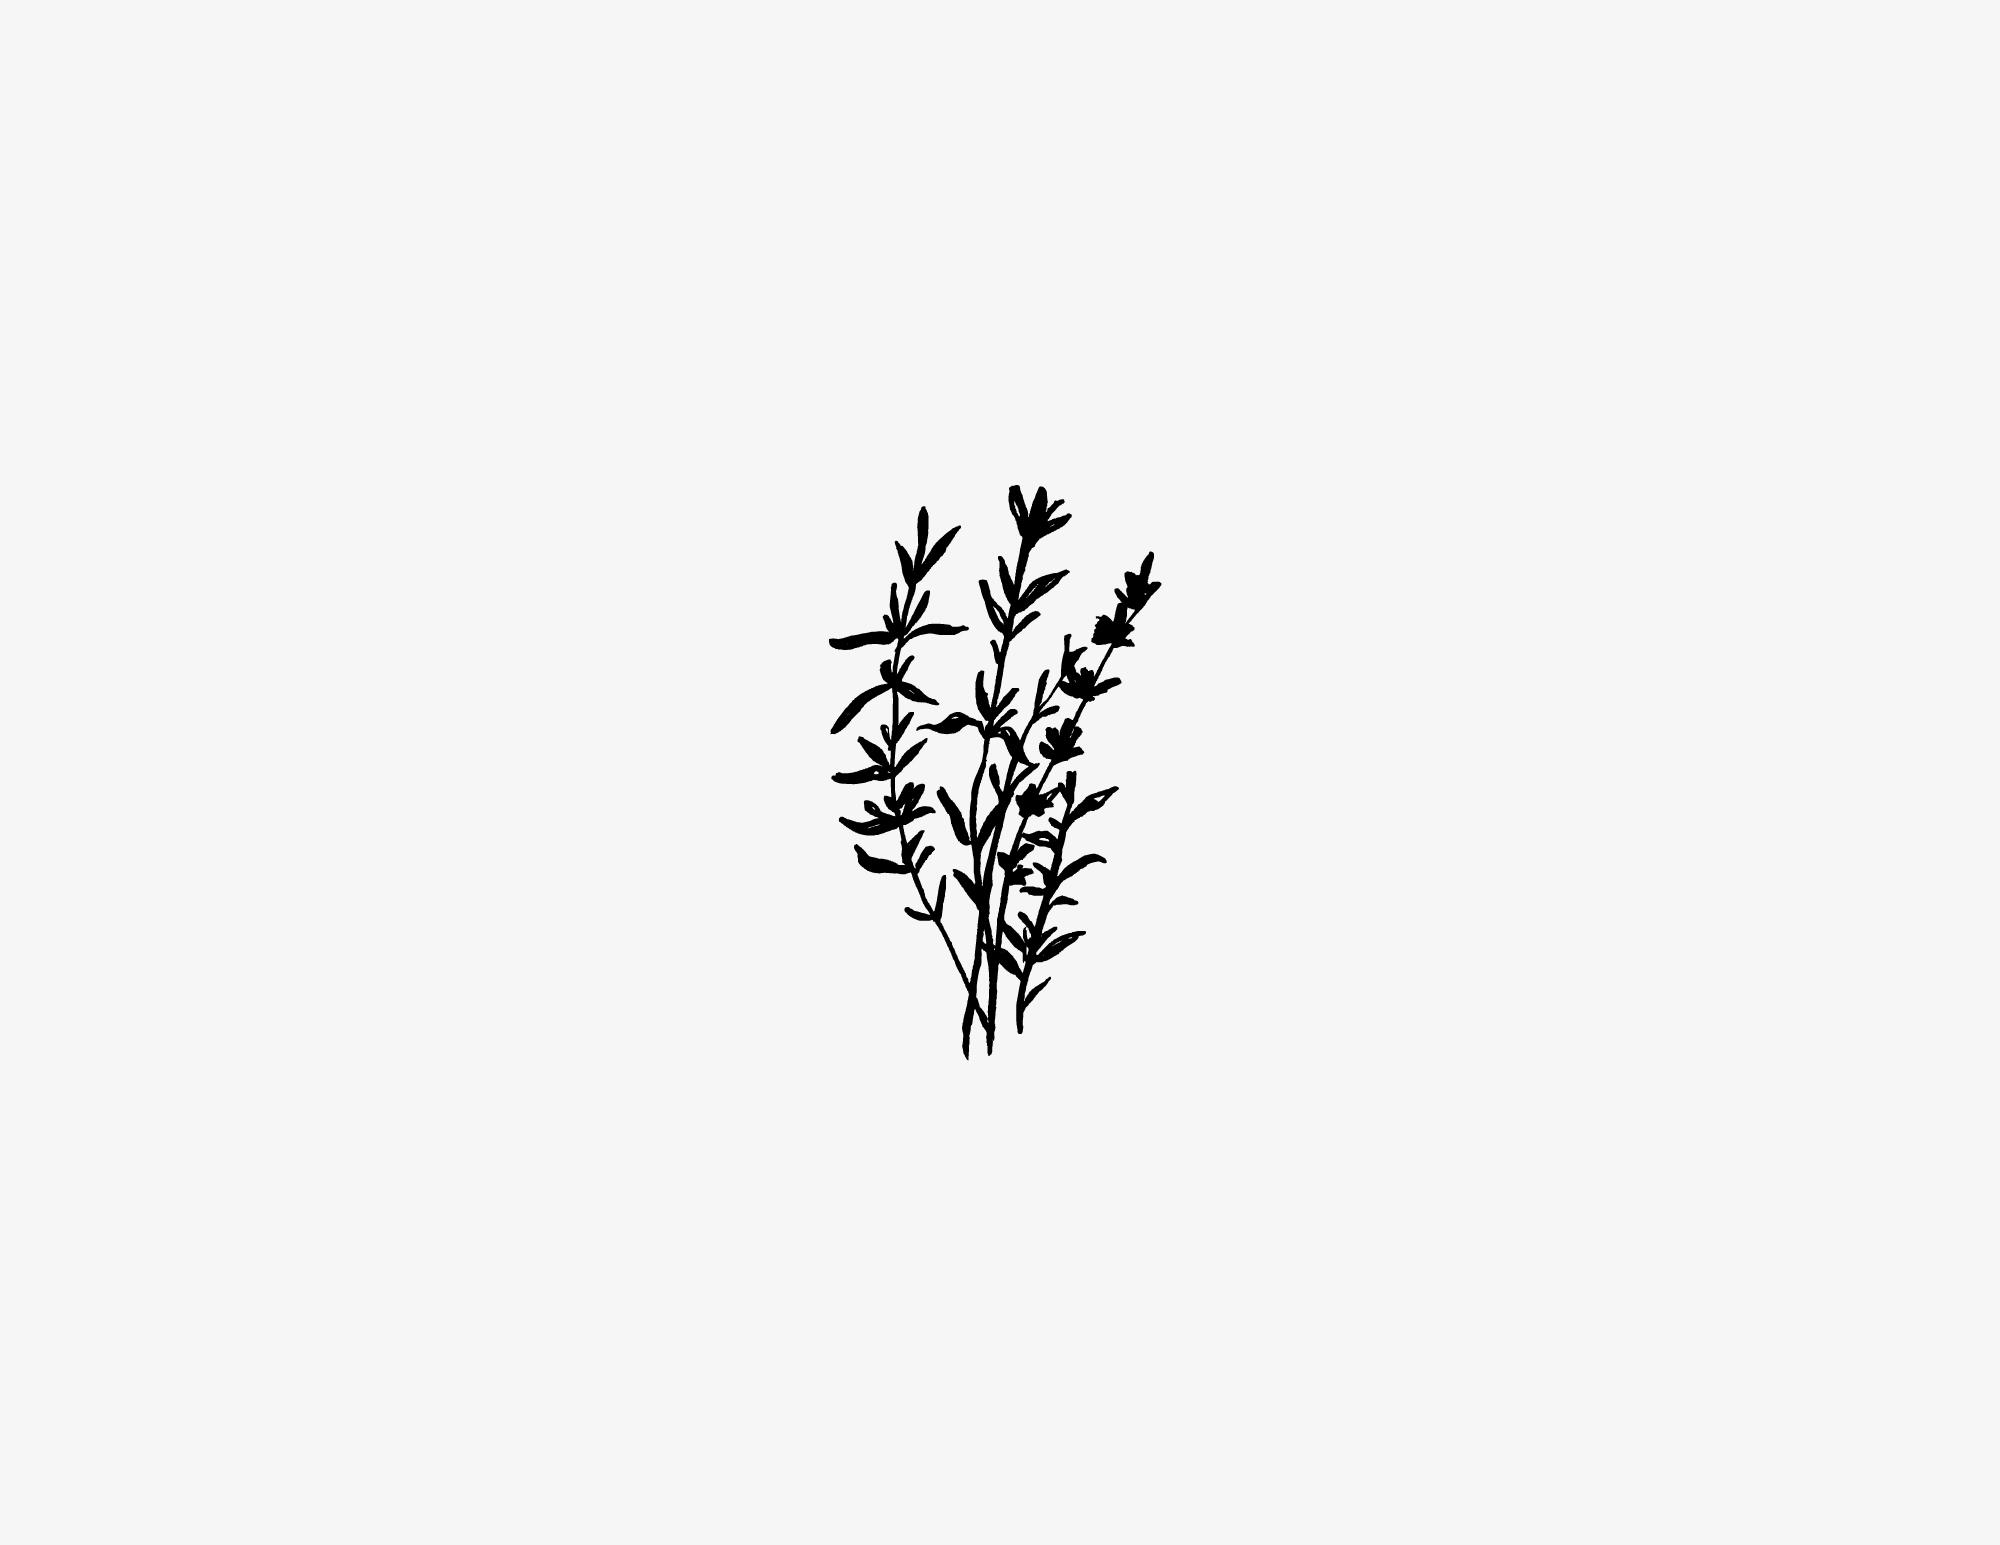 LeonardFarm_Herb1.jpg